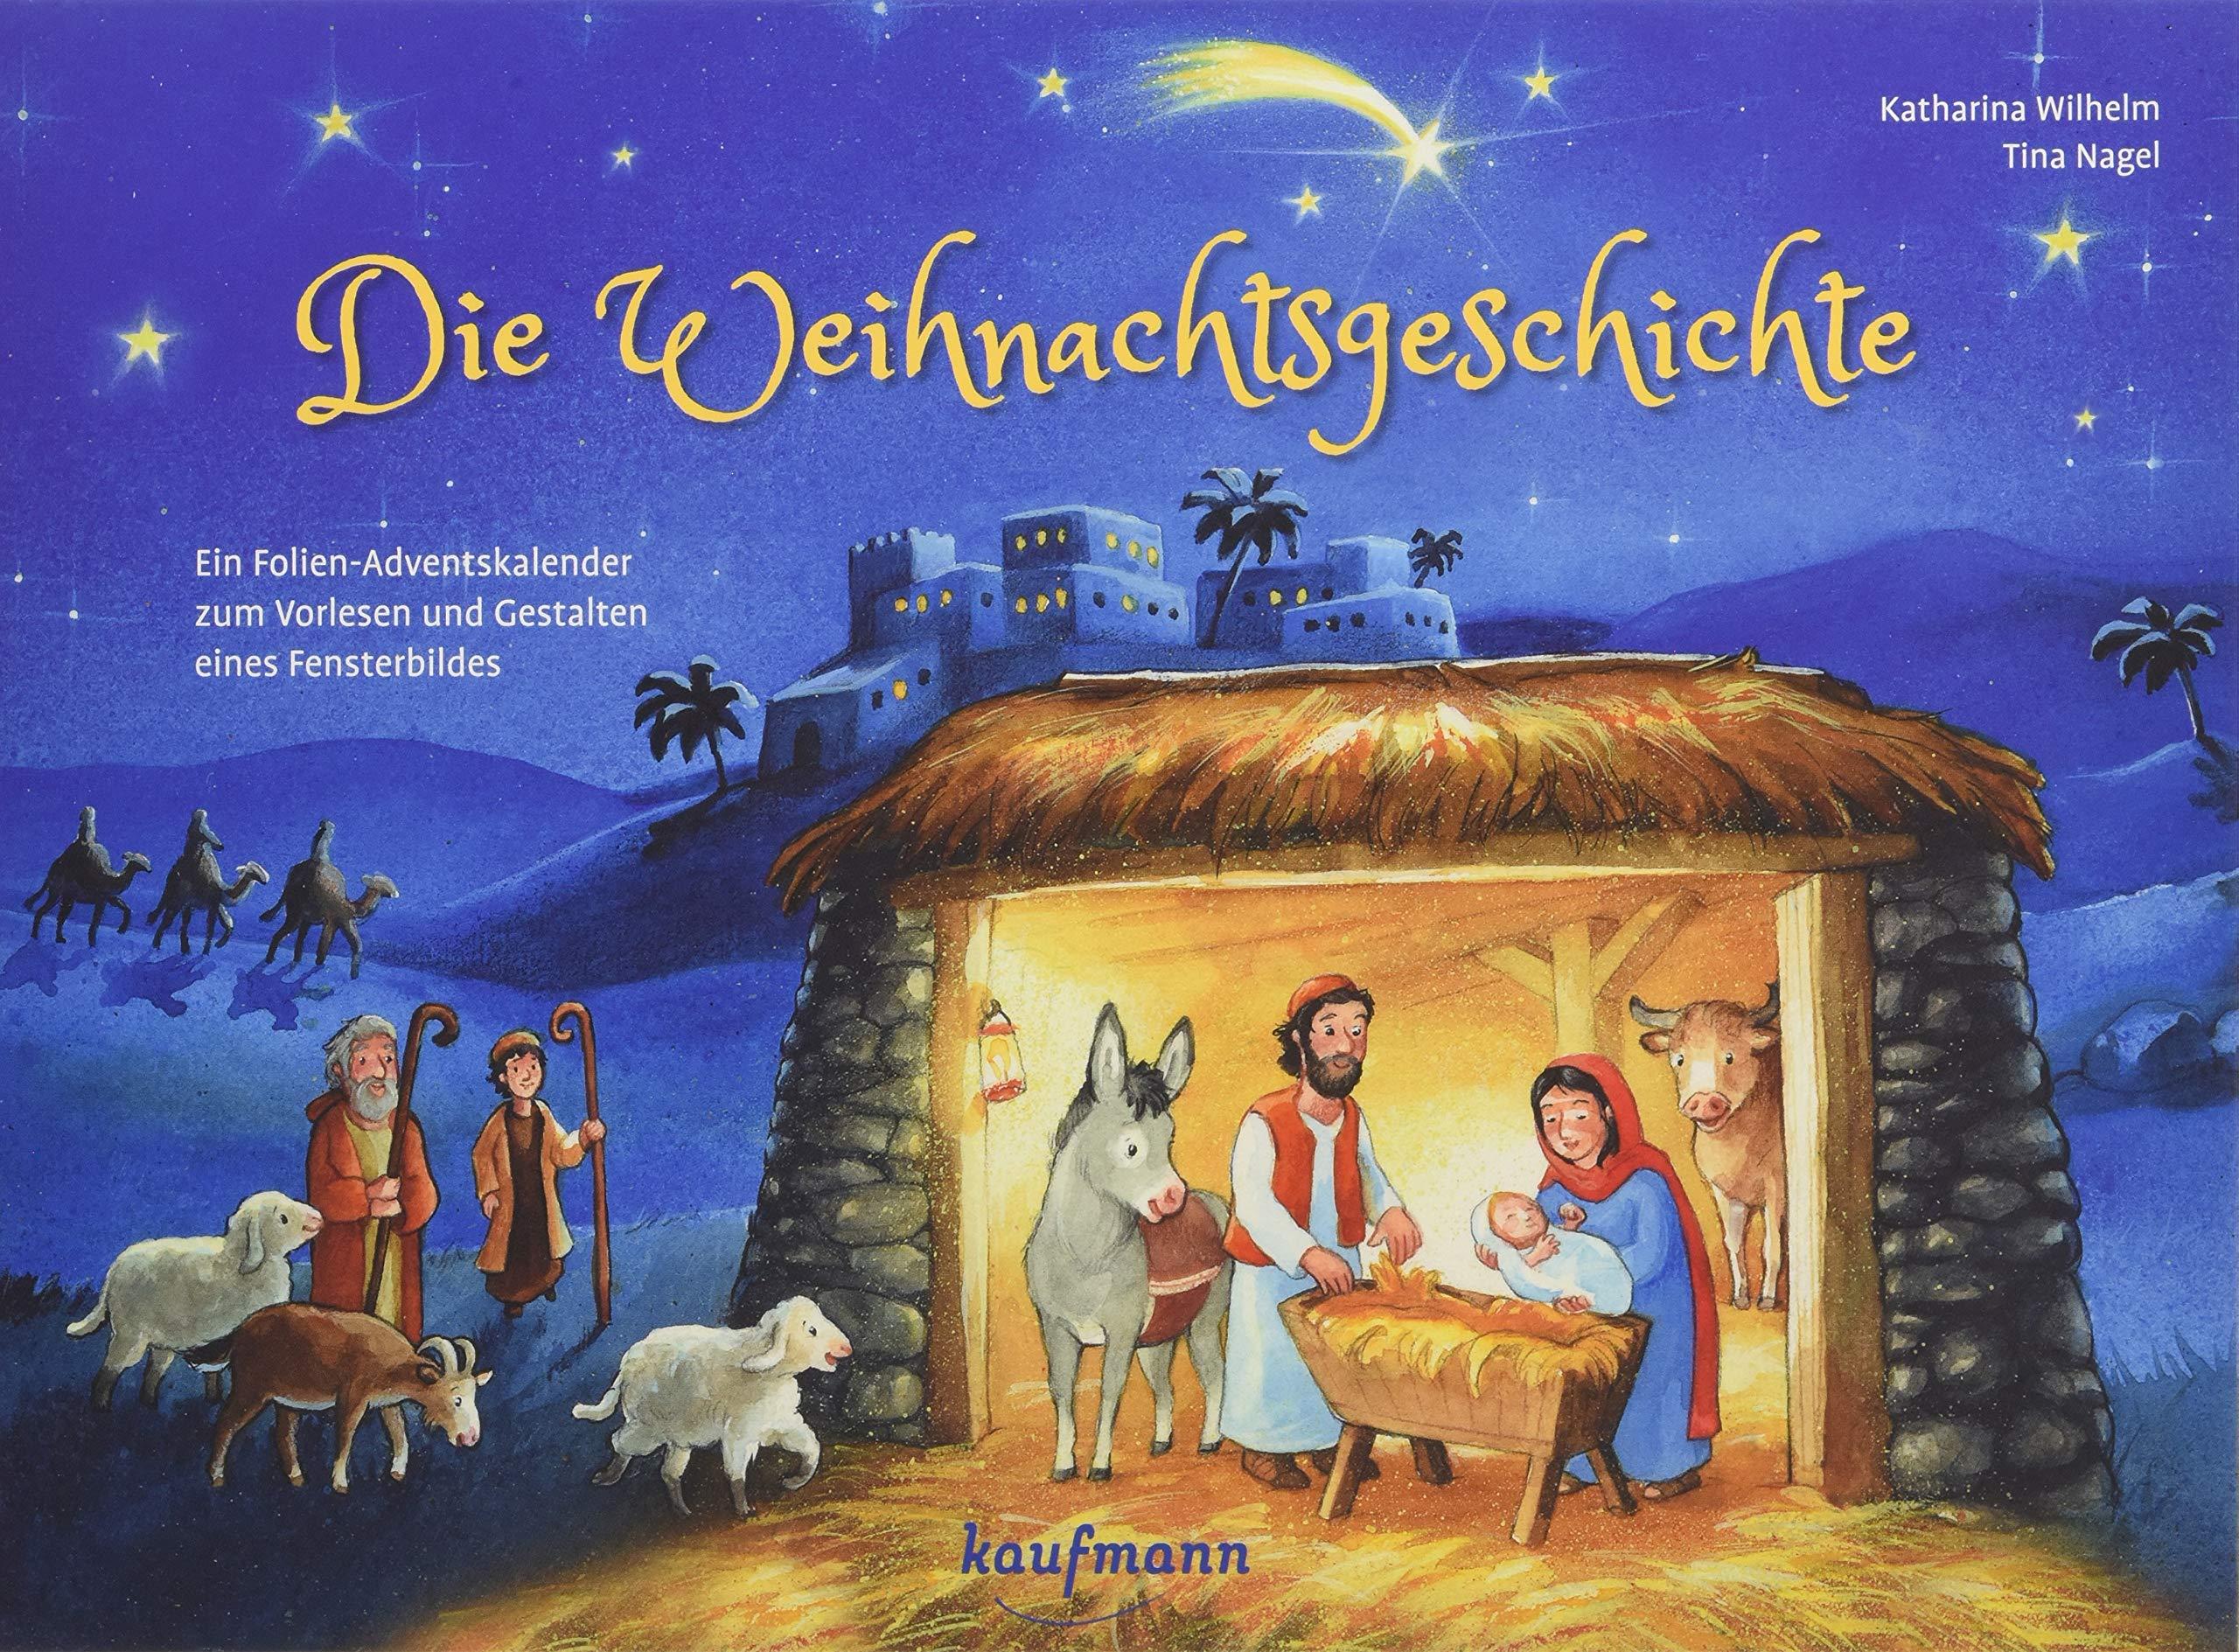 Klassische Weihnachtsgeschichte